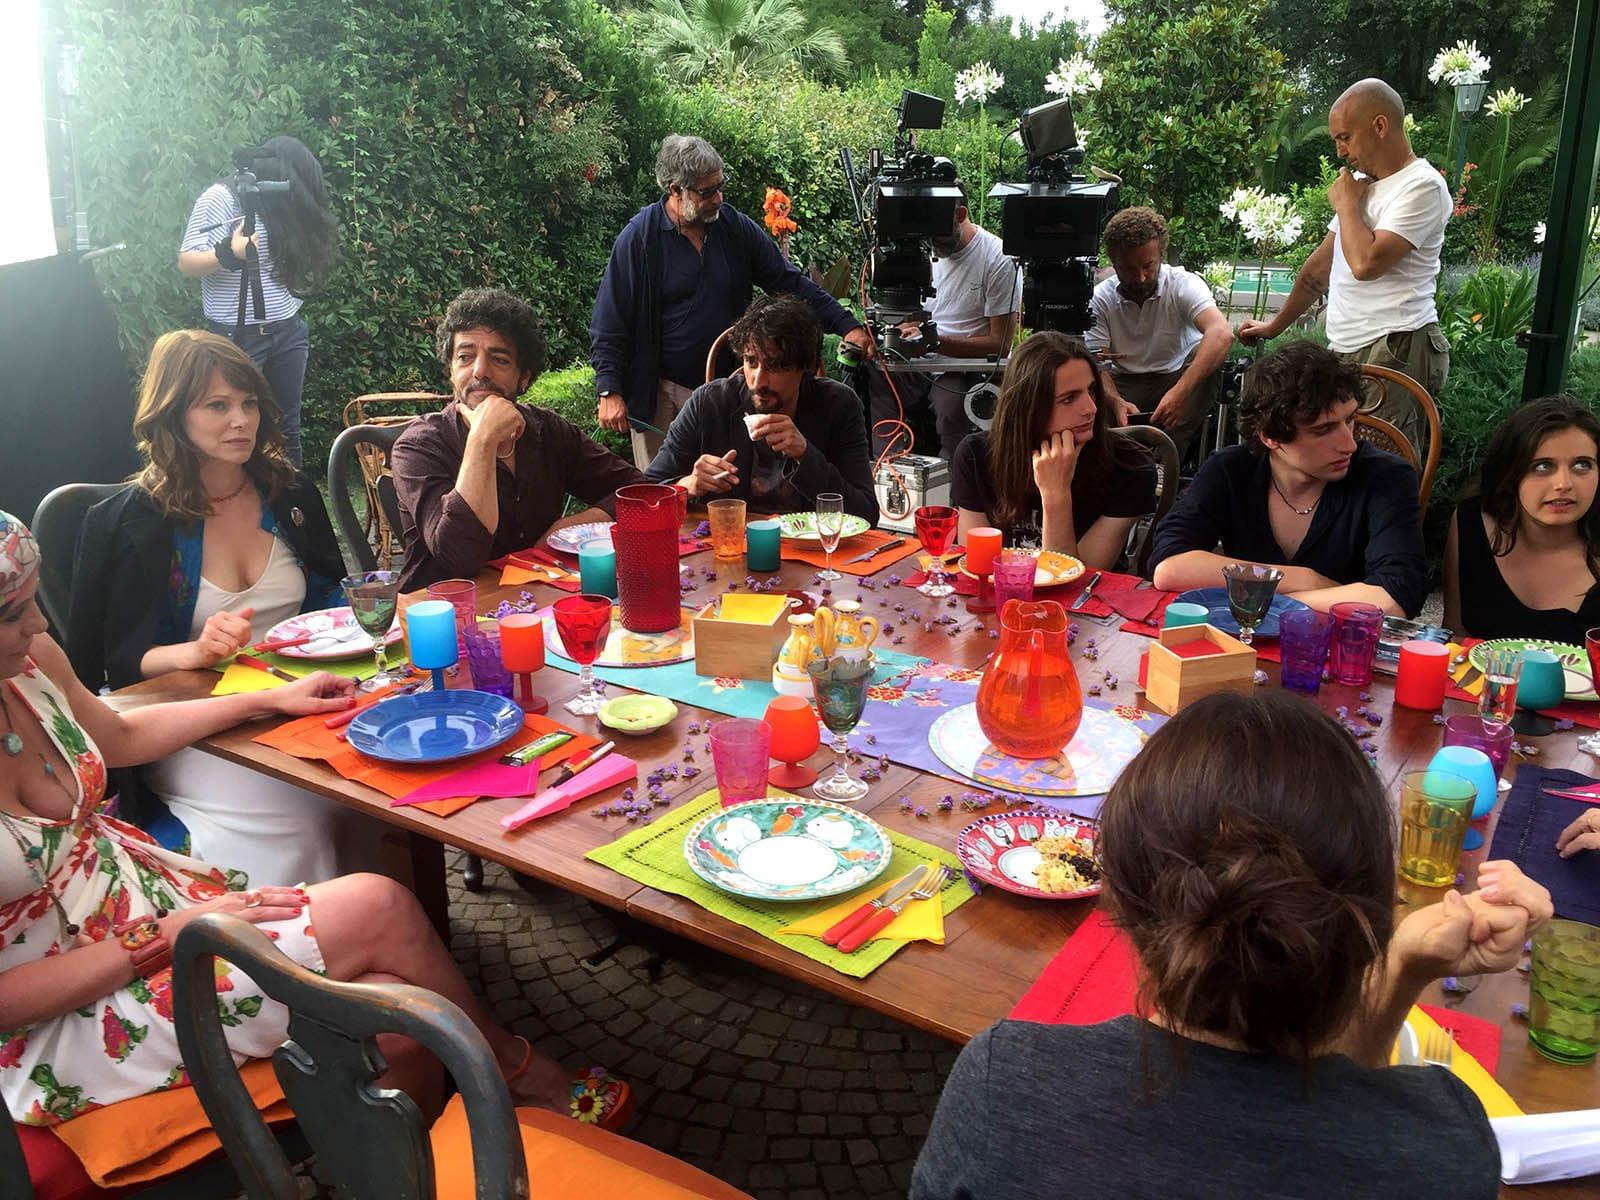 Simona Izzo e le sue tavole: anche la pausa pranzo è una festa